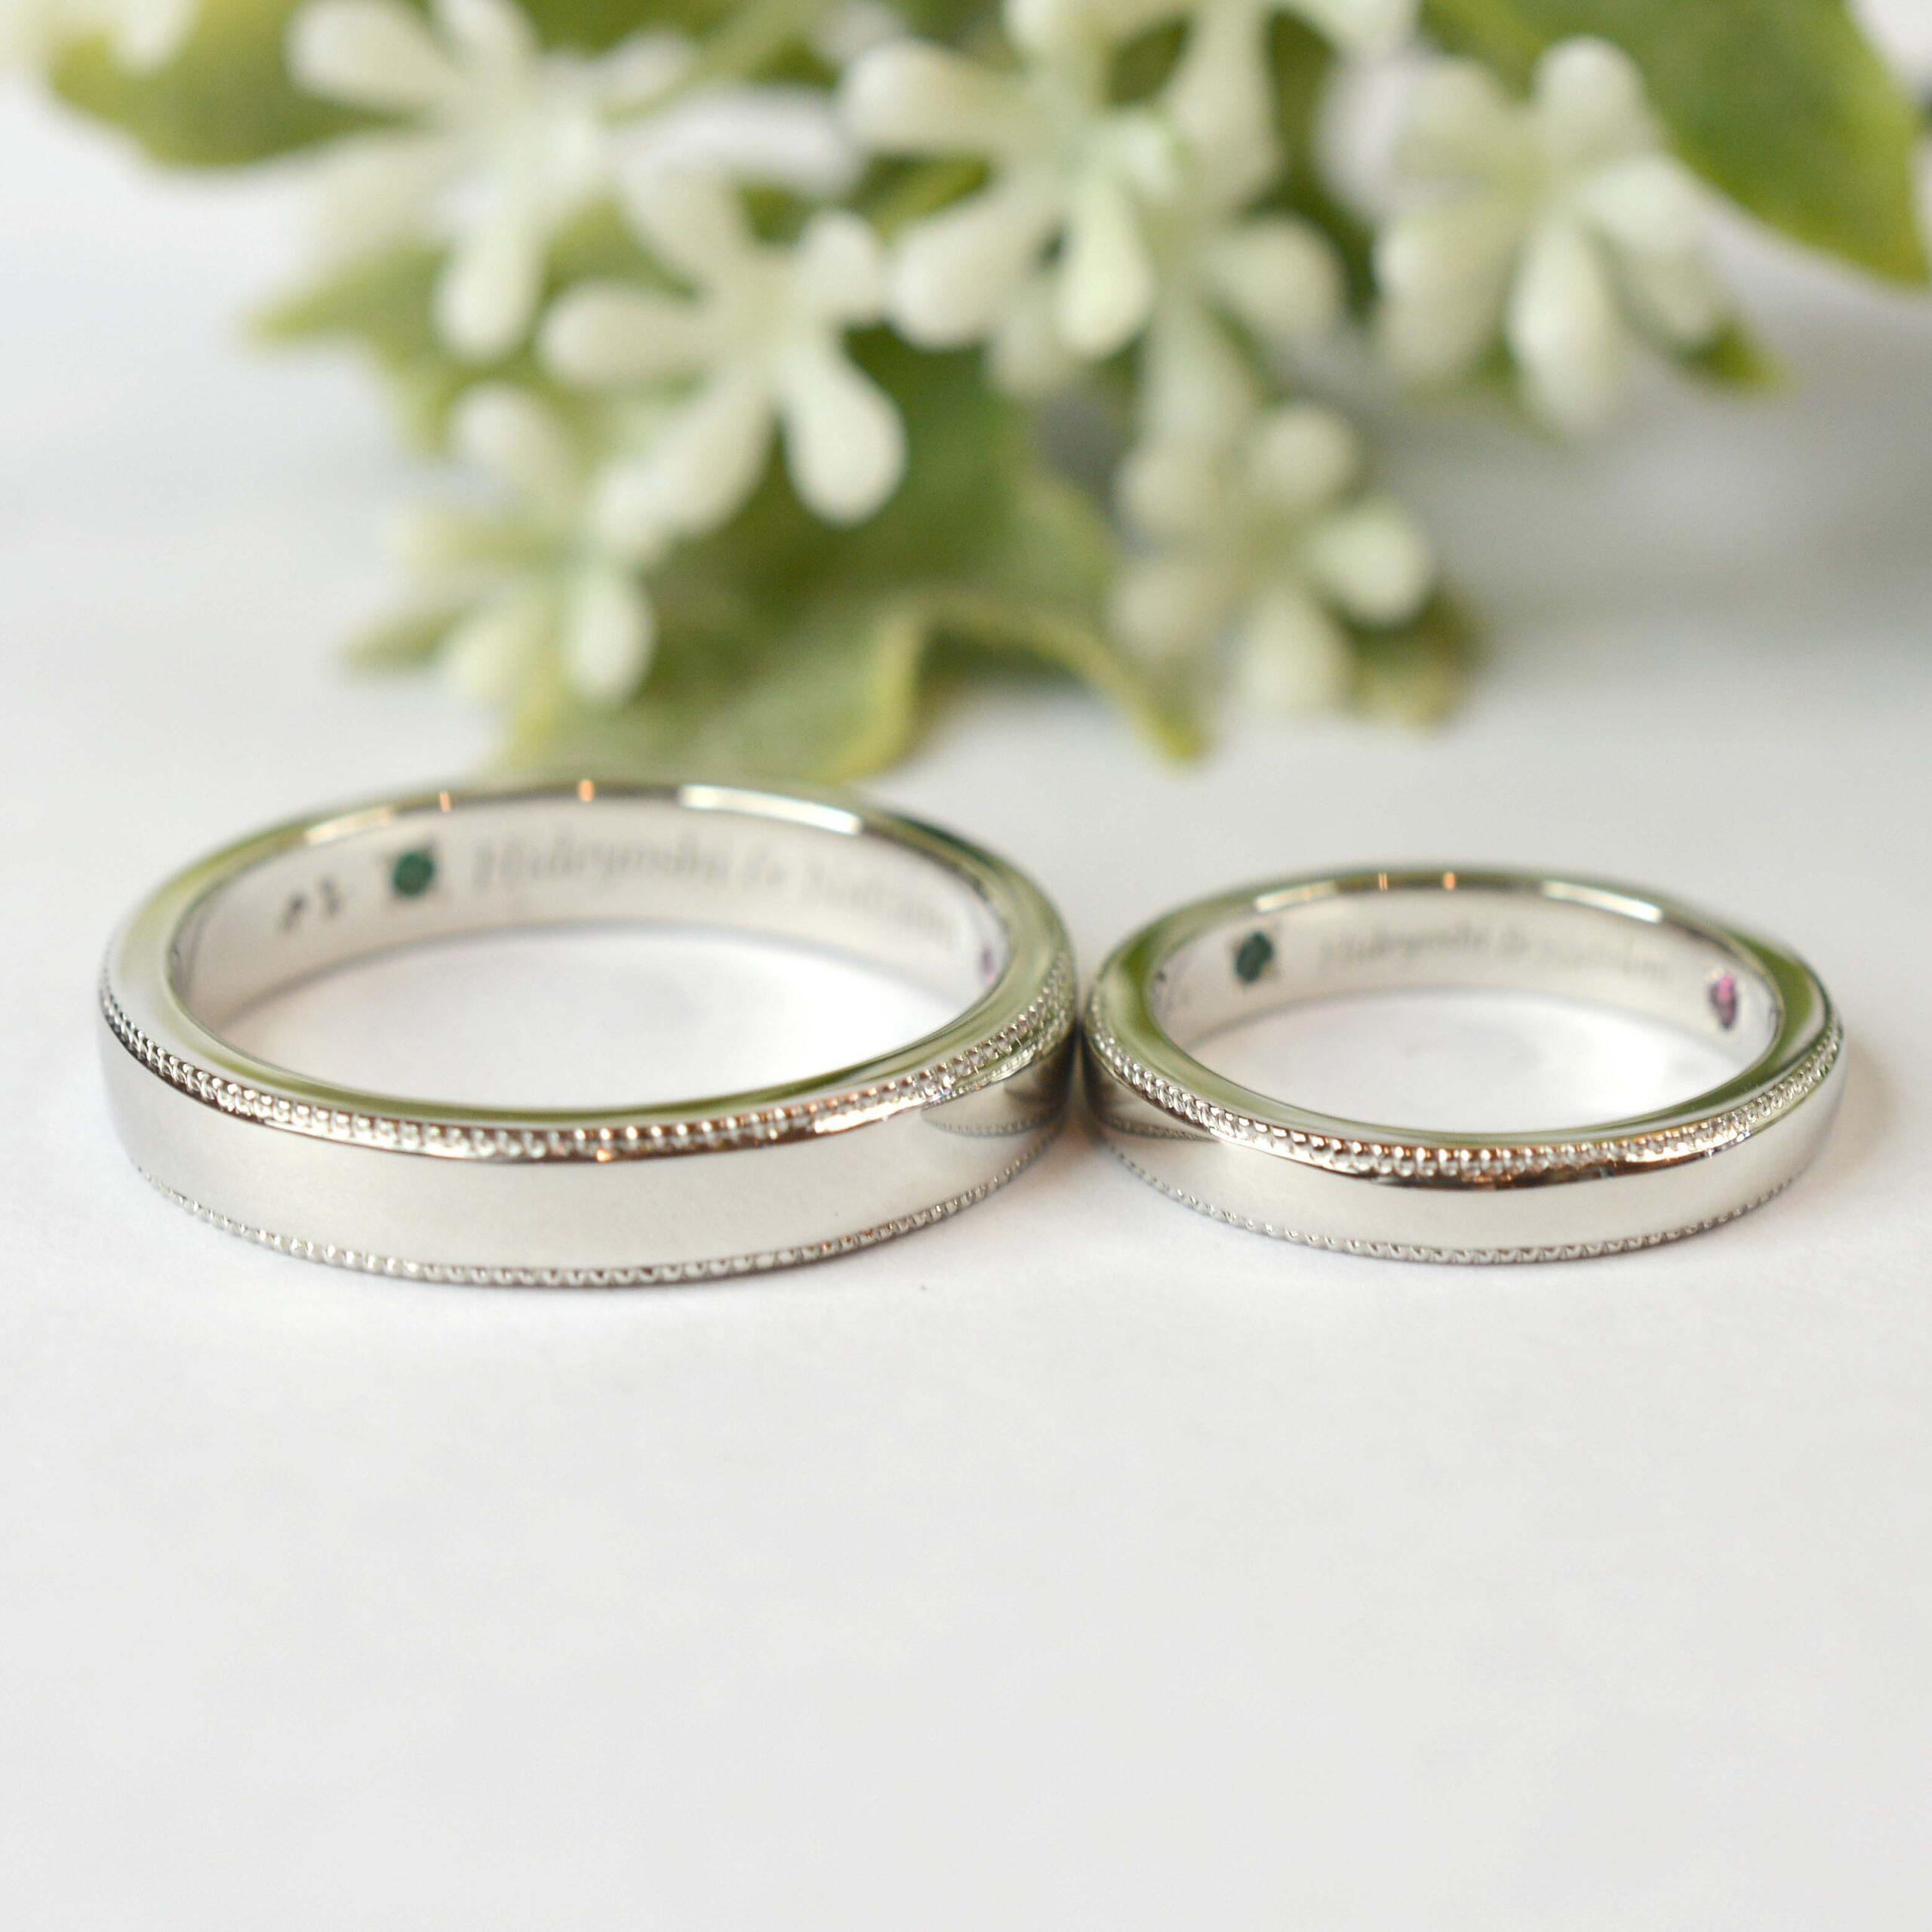 【手作り結婚指輪プレミアムコース)】 工藤様、鏡田様